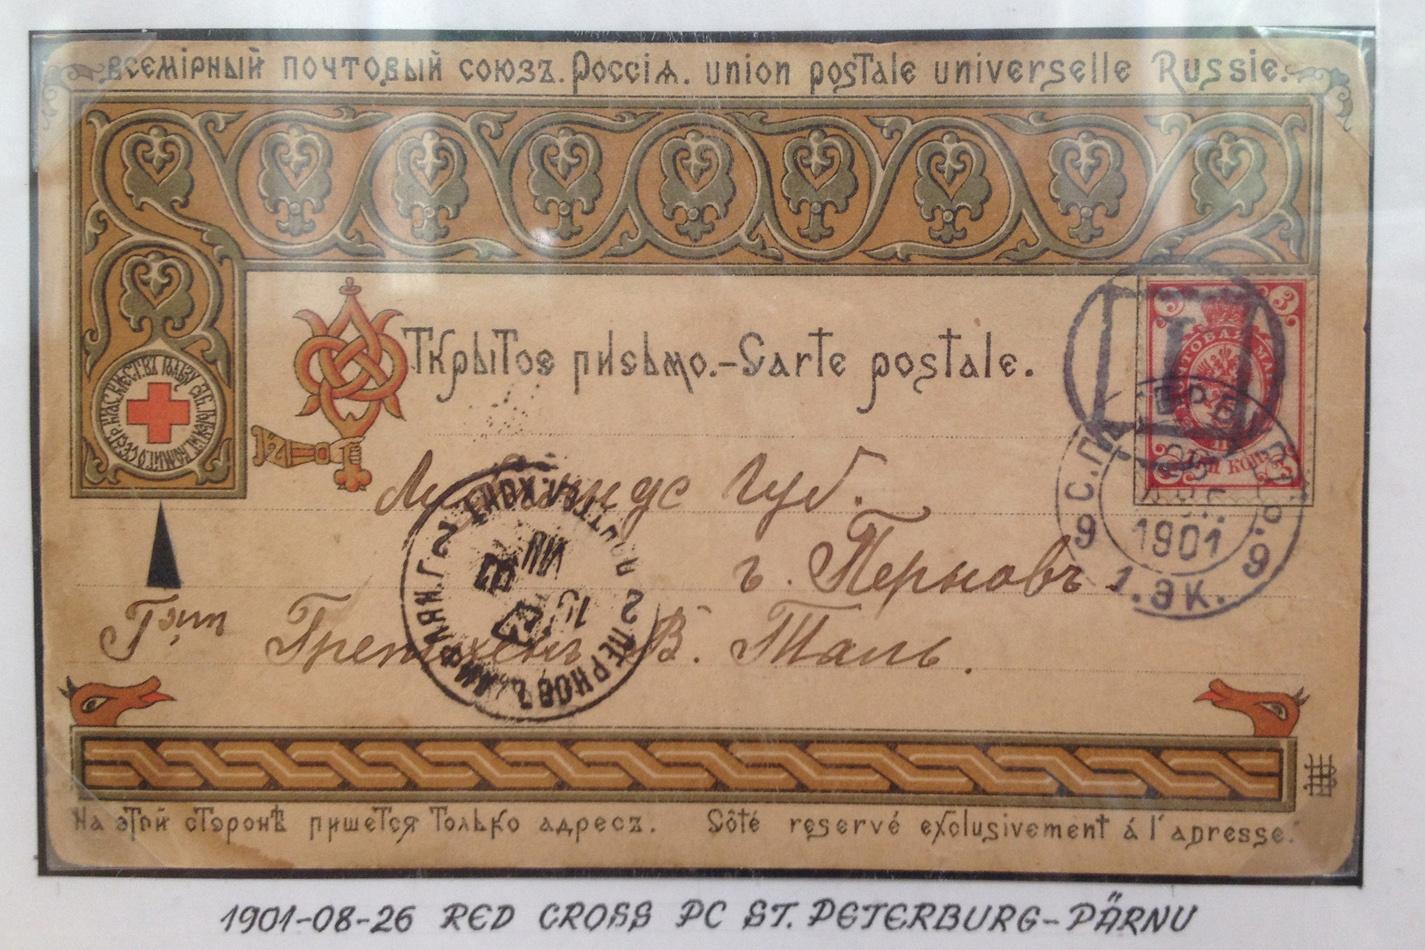 Открытое письмо Санкт-Петербург - Пярну